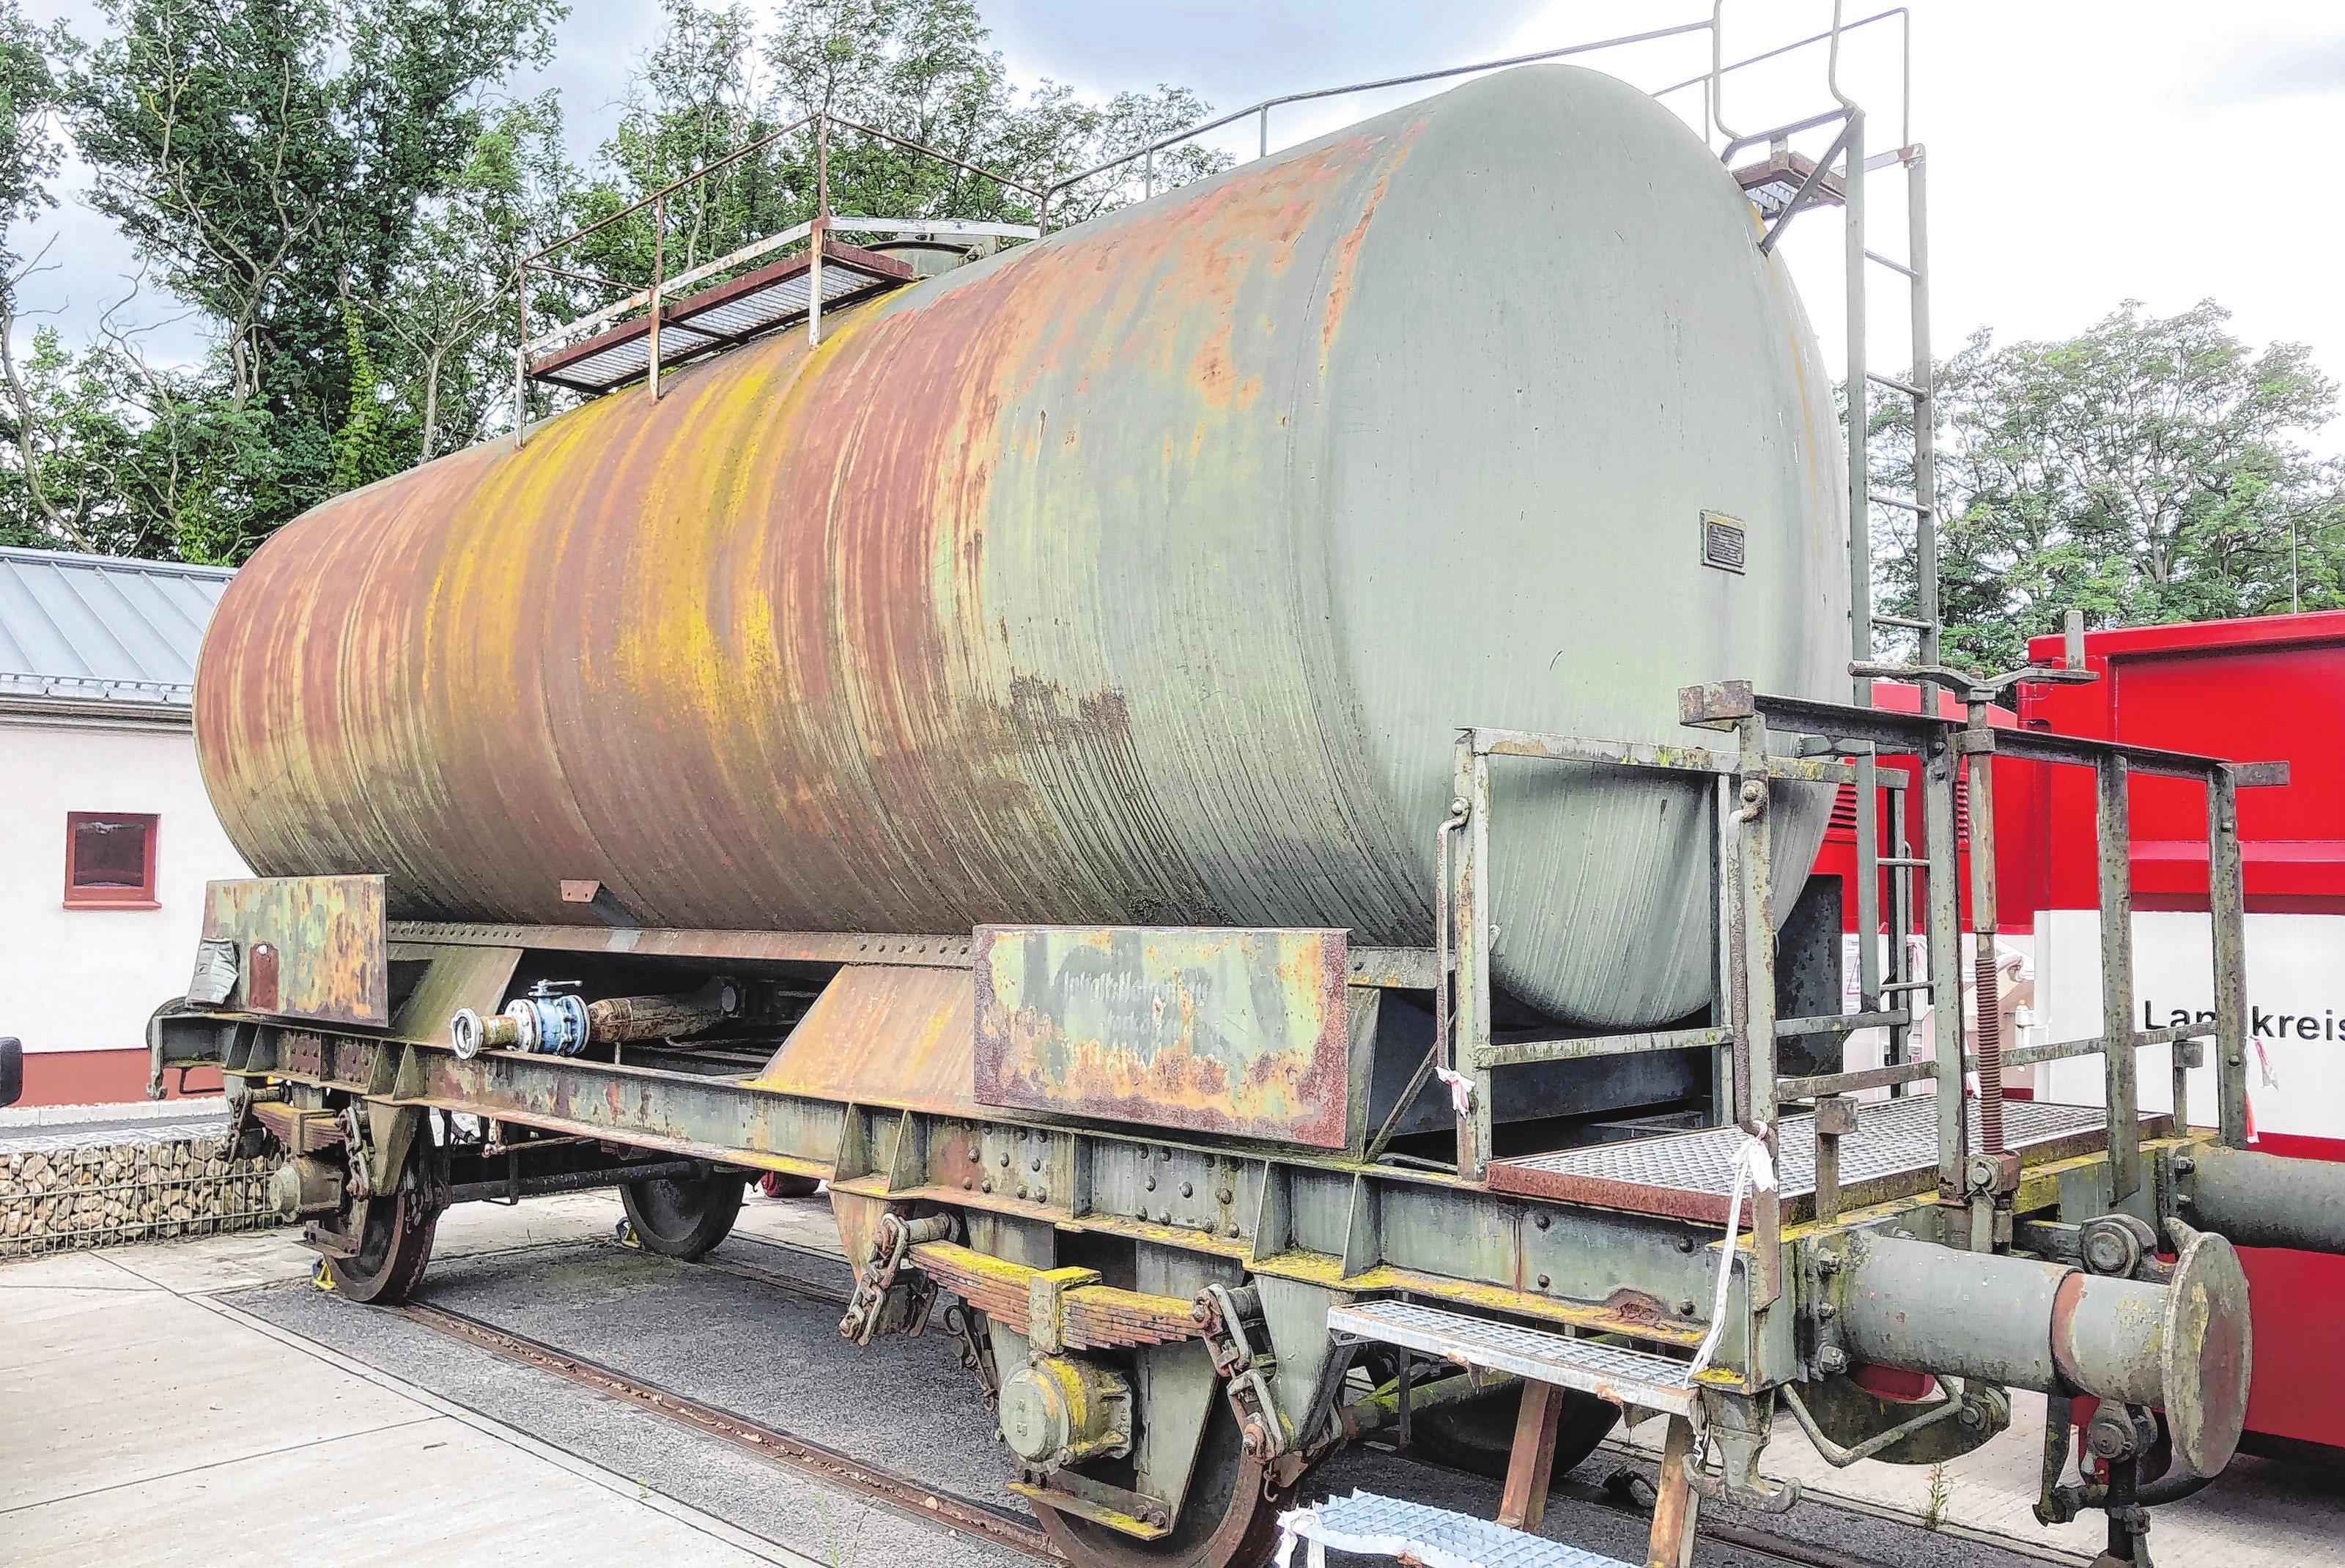 Chemiekesselwagen zu Übungszwecken. Foto: René Wernitz